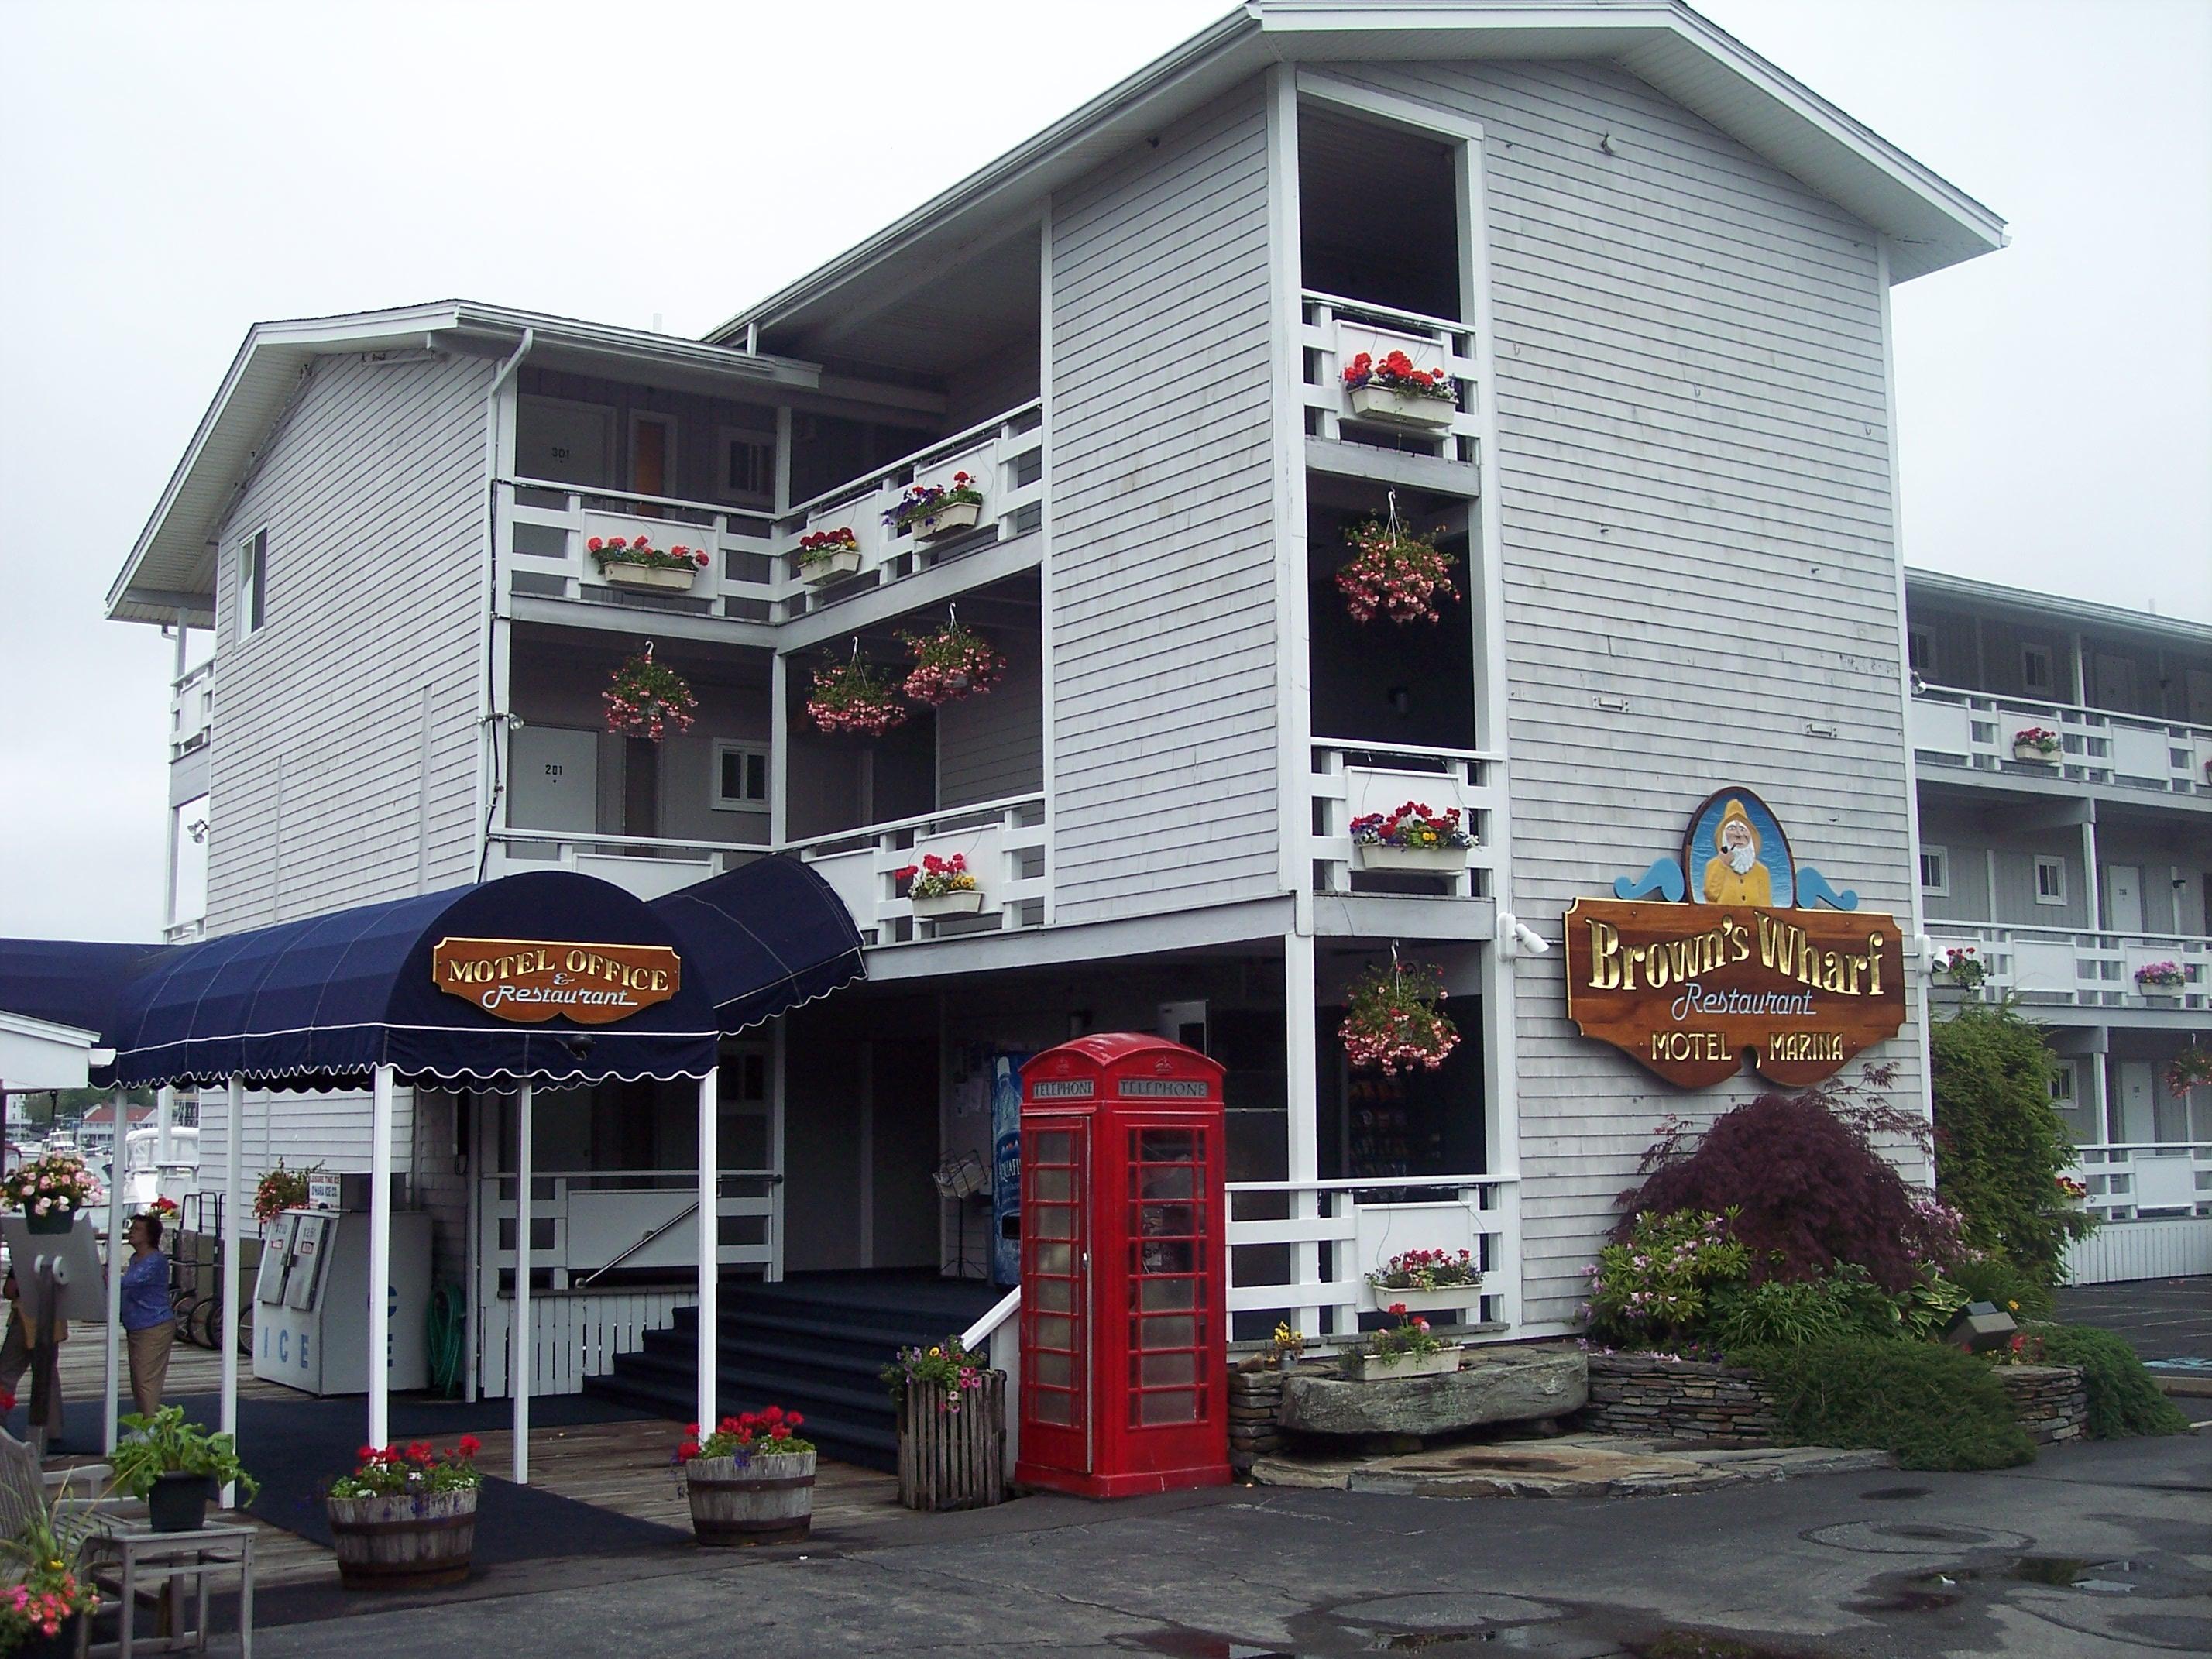 Brown's Wharf Inn